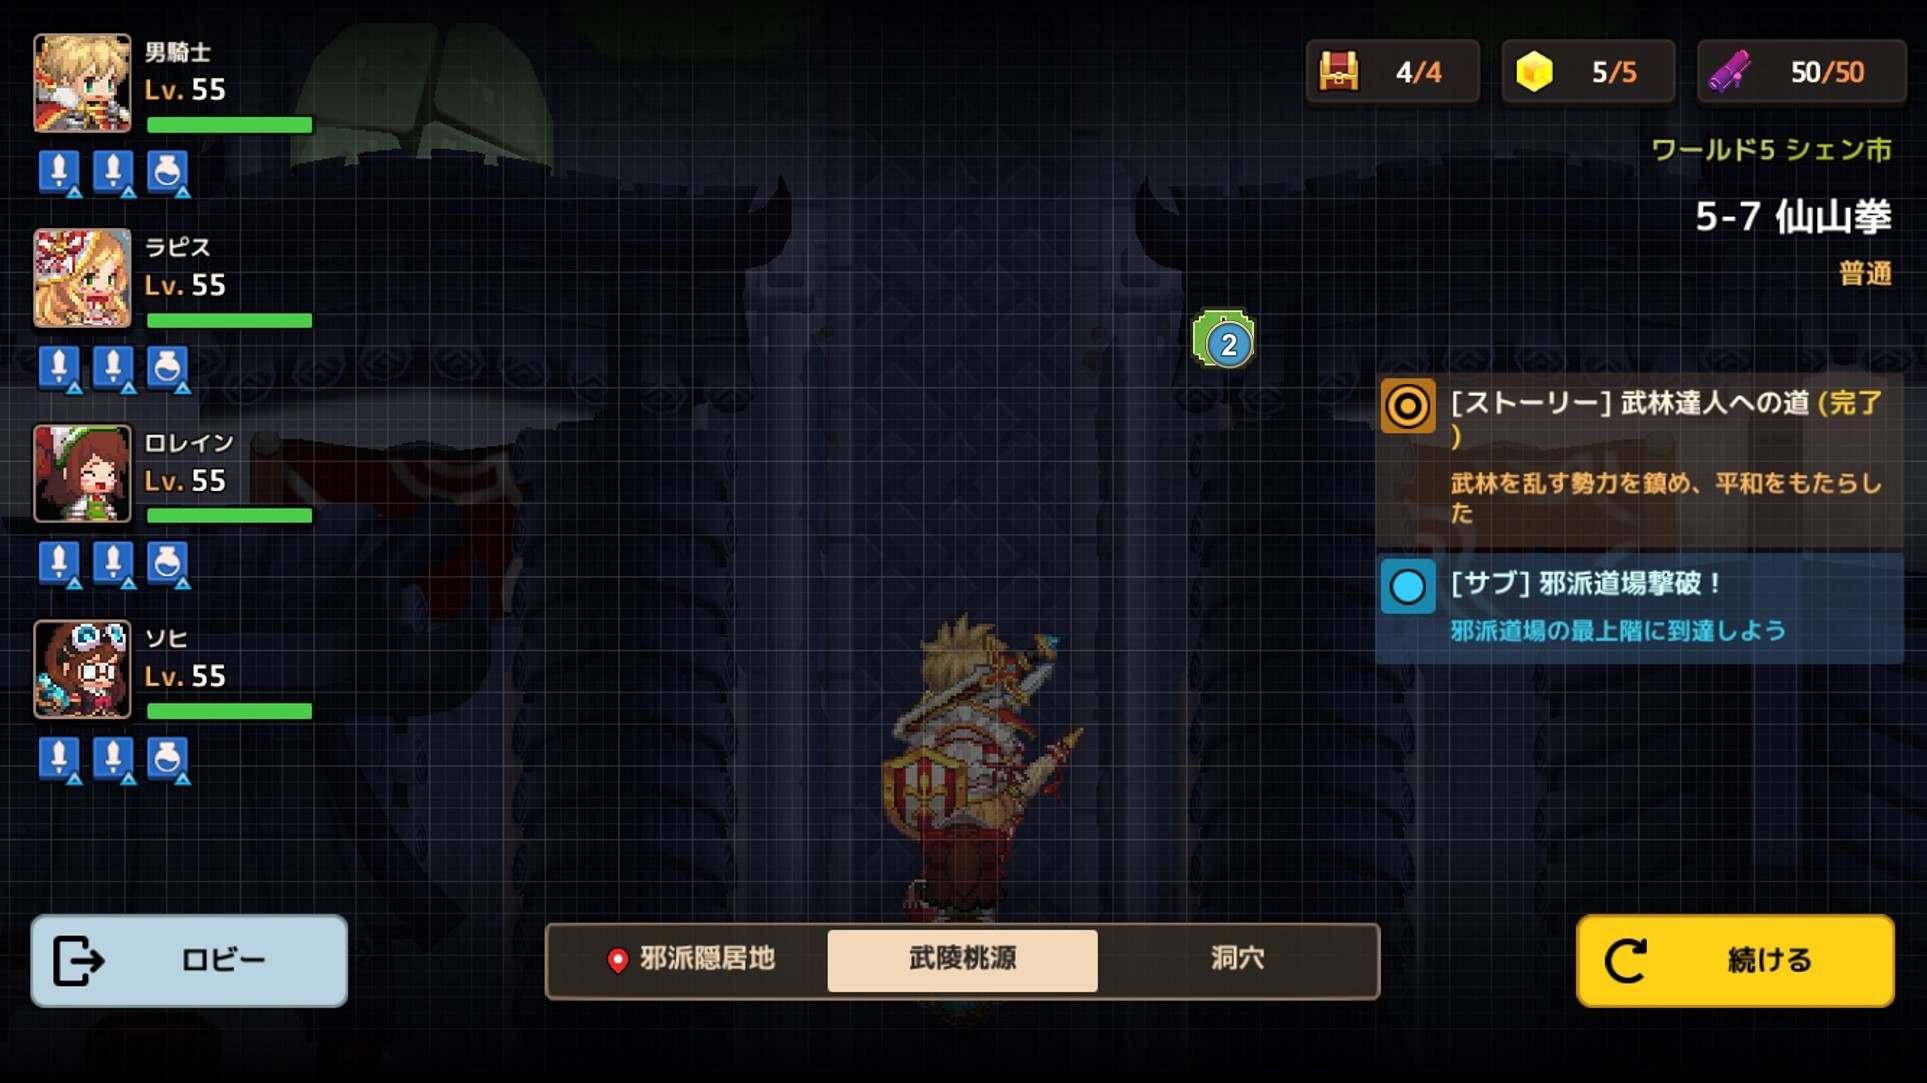 武陵桃源のマップ